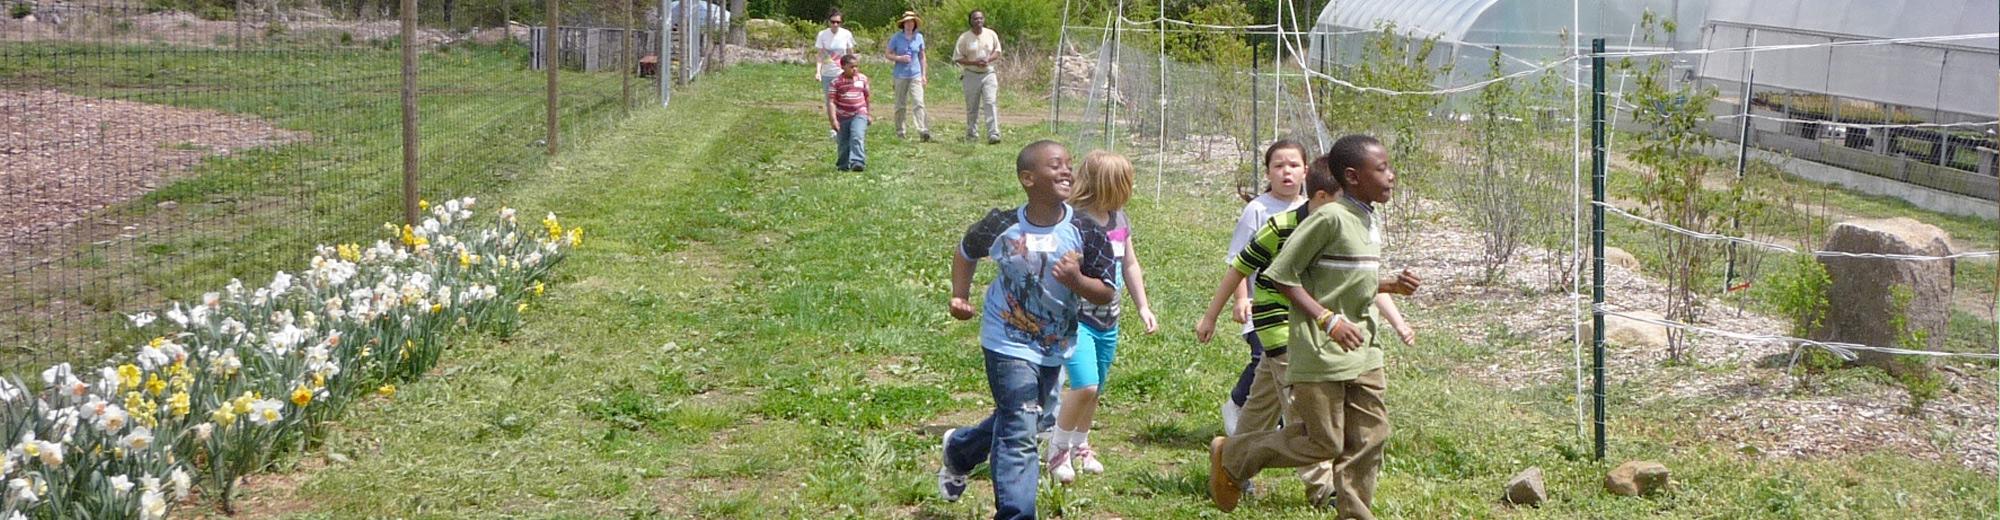 Educational field trip at Massaro Farm